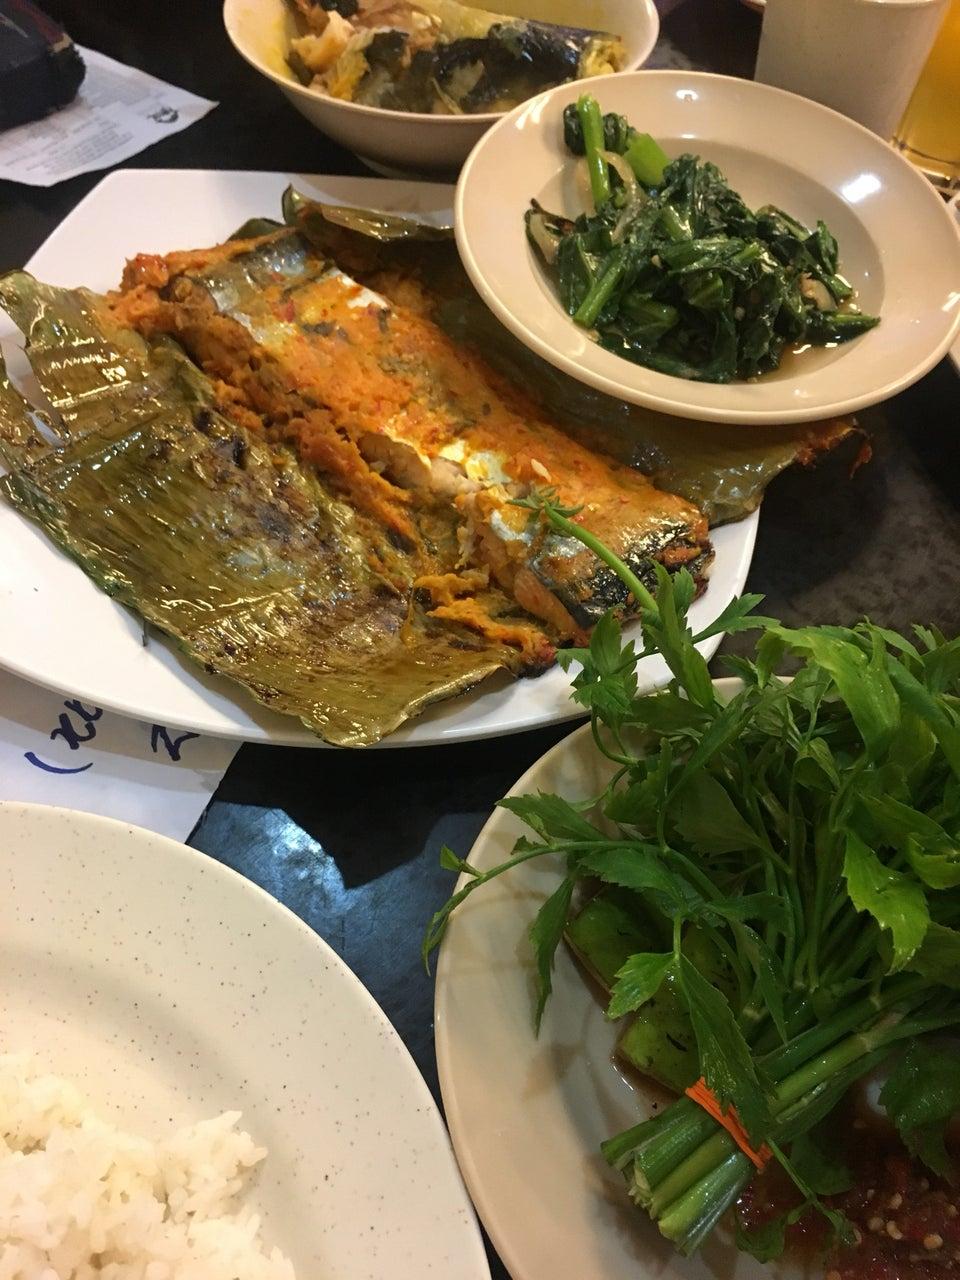 restoren sedap KL, food review, Go bang maju tempoyak